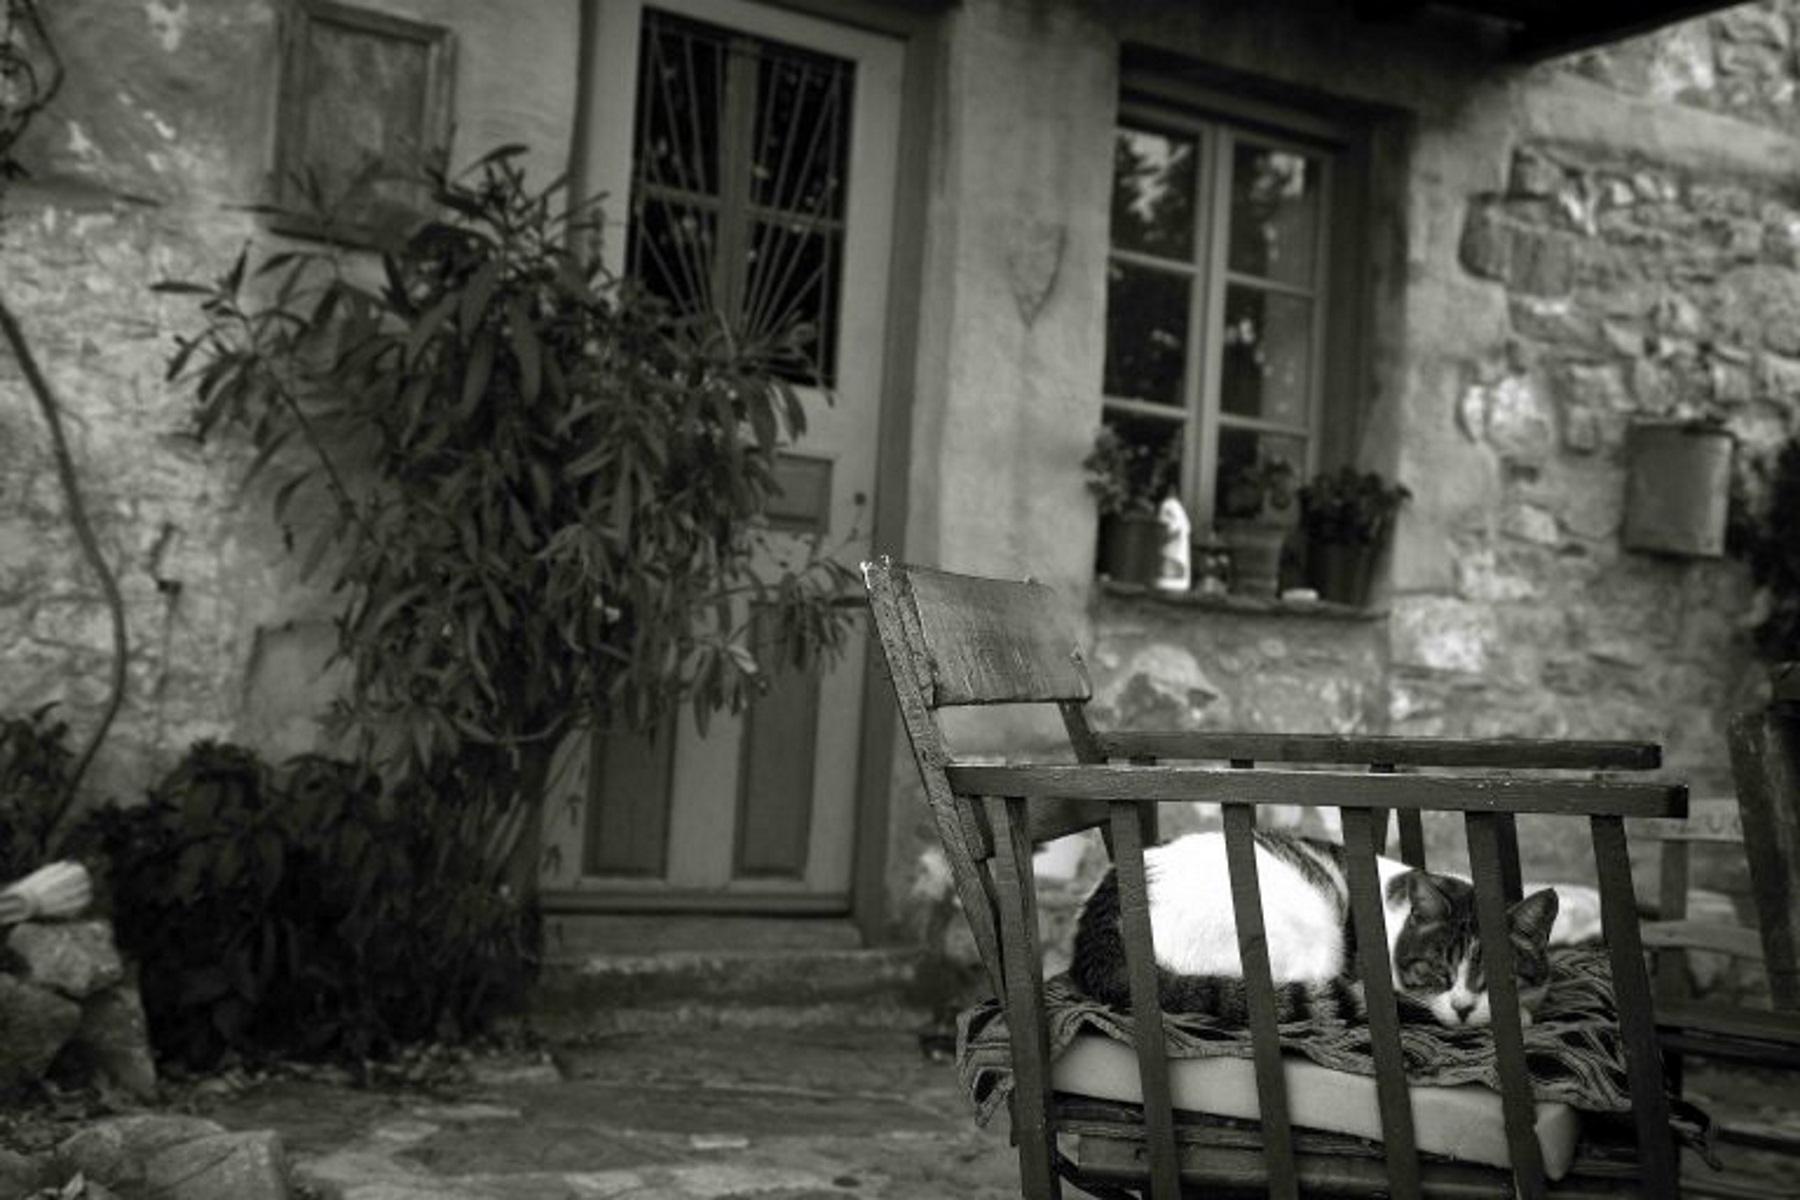 Κρήτη: Πλησίασε στο παράθυρο του σπιτιού και έπαθε σοκ! Έξαλλη η μητέρα της ανήλικης